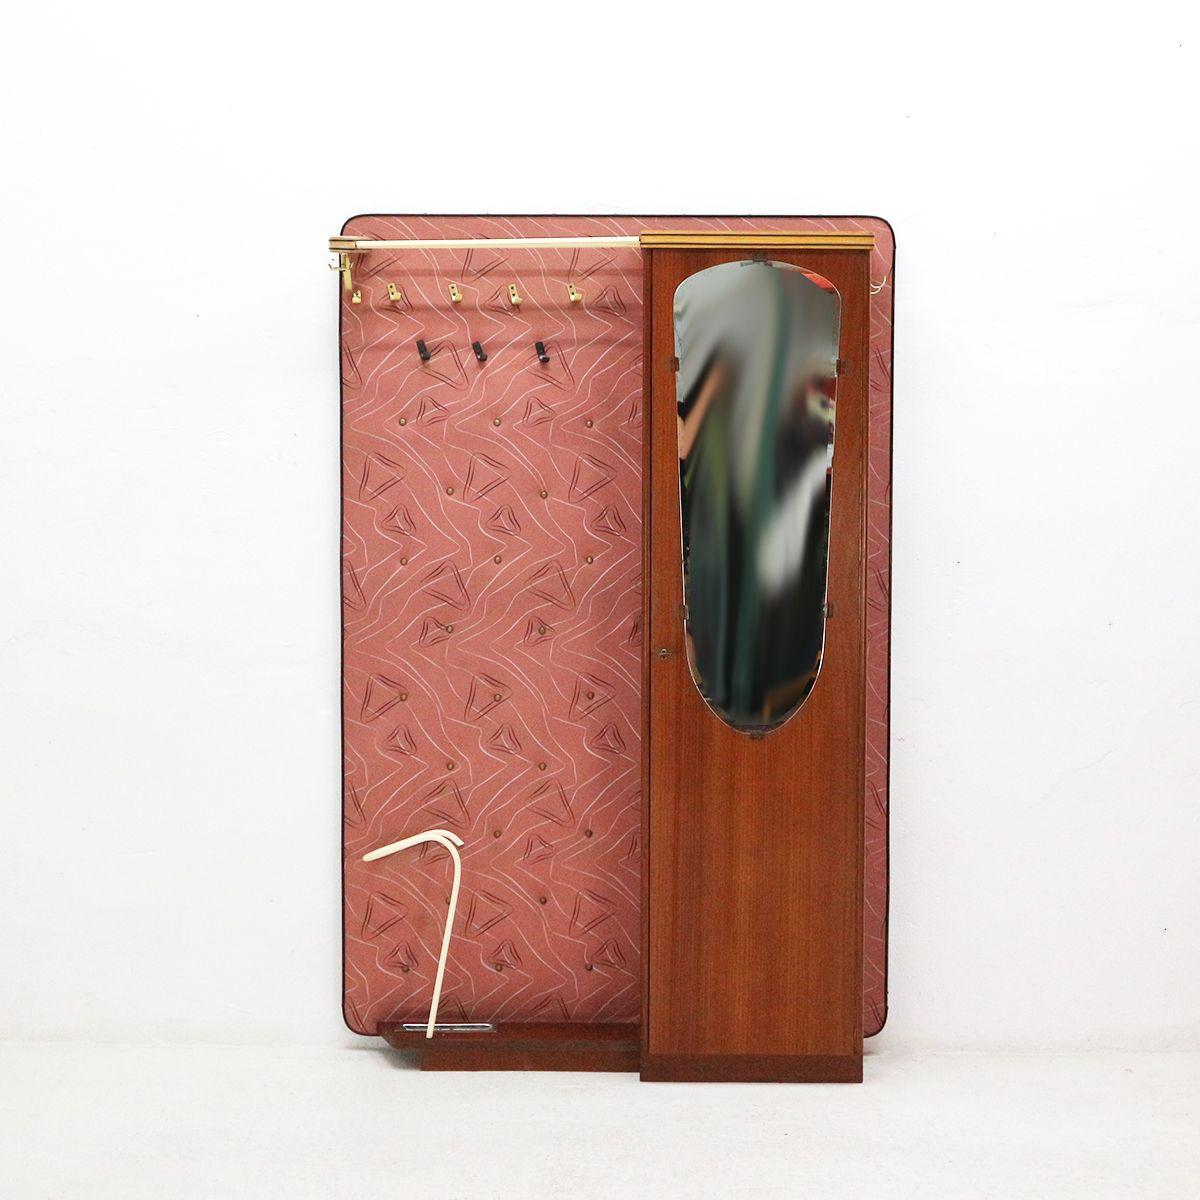 portemanteau en contreplaqu de noyer avec placard pour chaussures 1950s en vente sur pamono. Black Bedroom Furniture Sets. Home Design Ideas